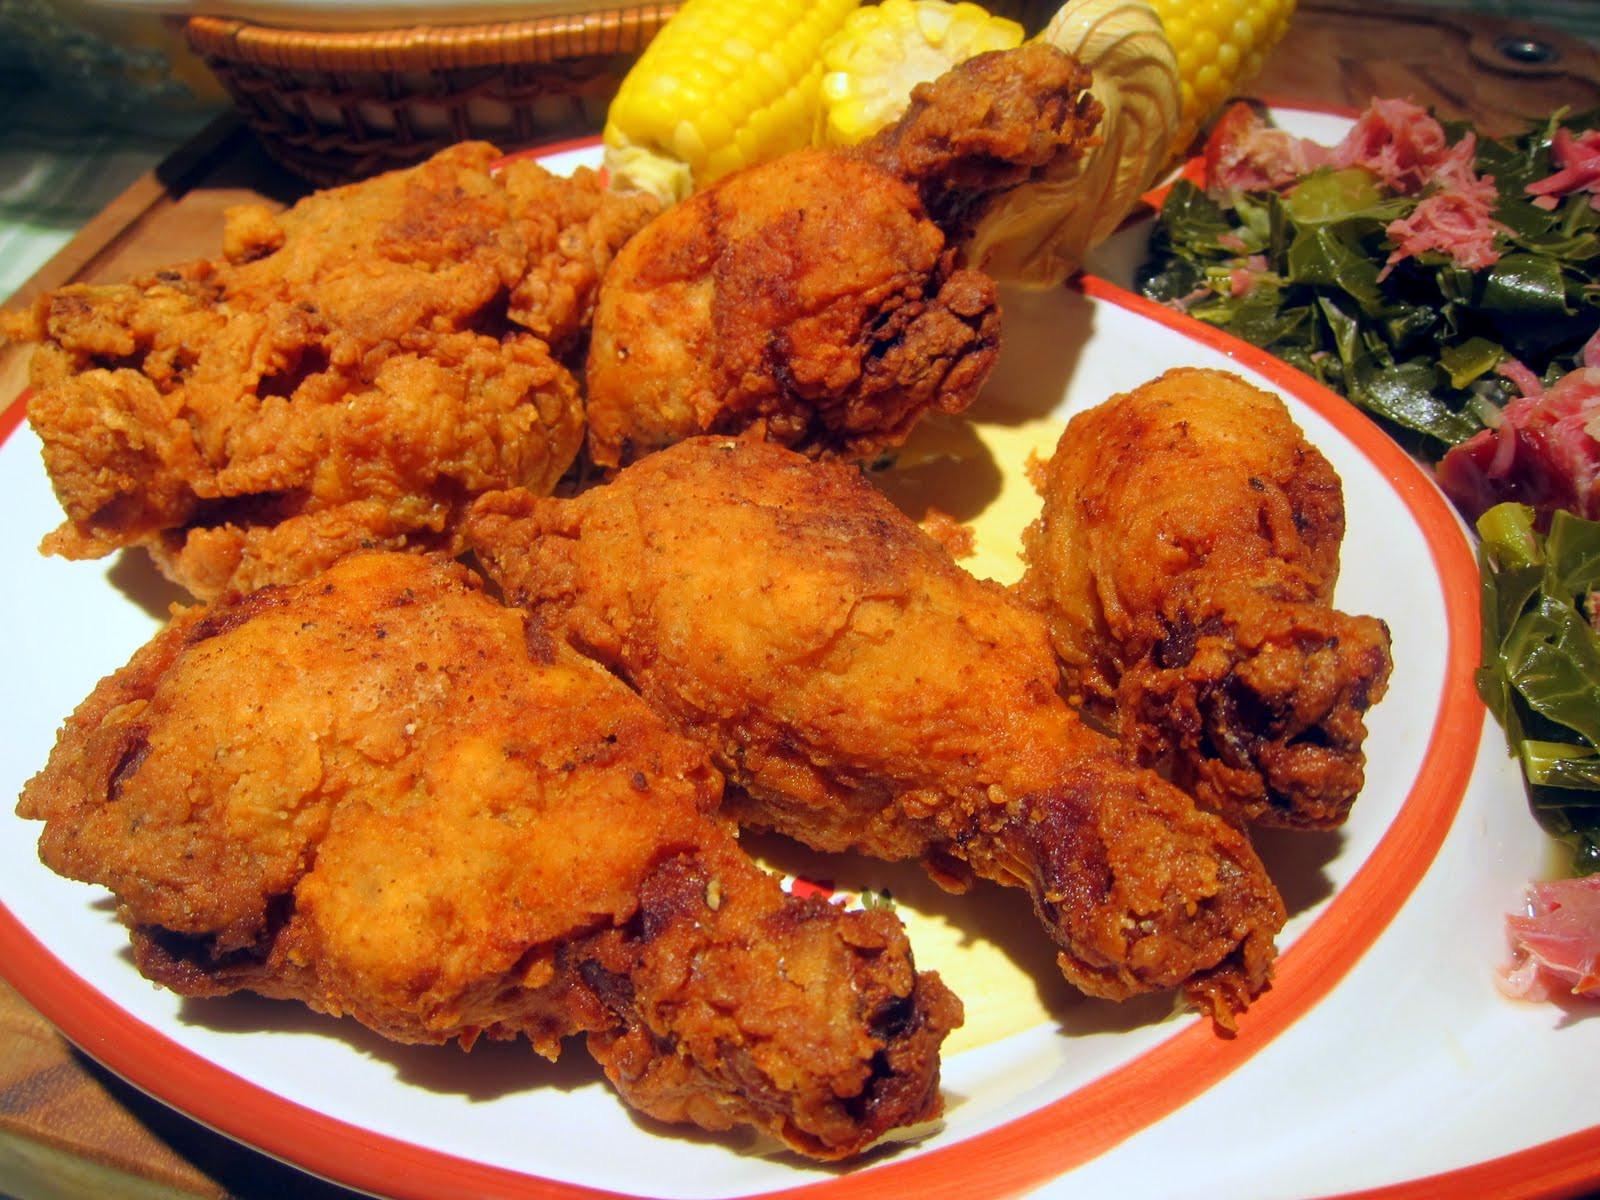 Best Fried Chicken  The Bay s Best Fried Chicken